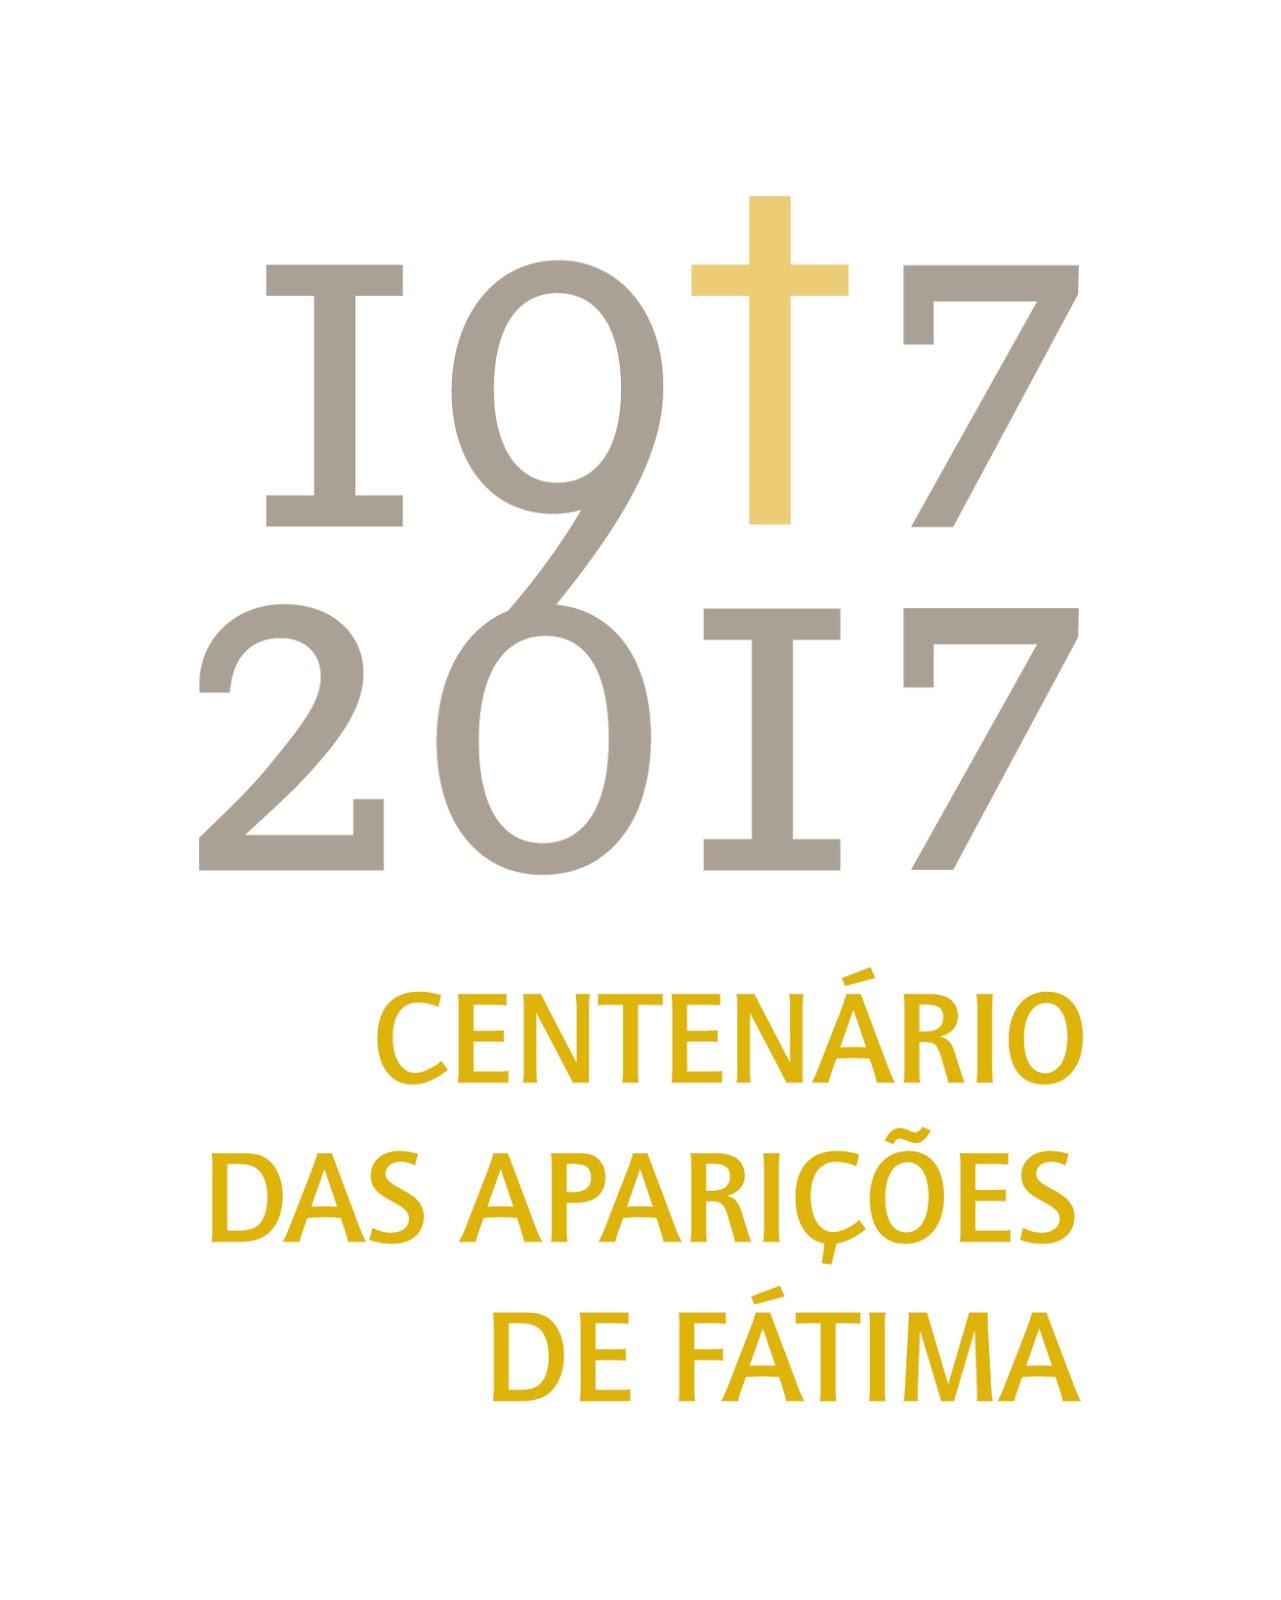 Centenário das Aparições em Fátima